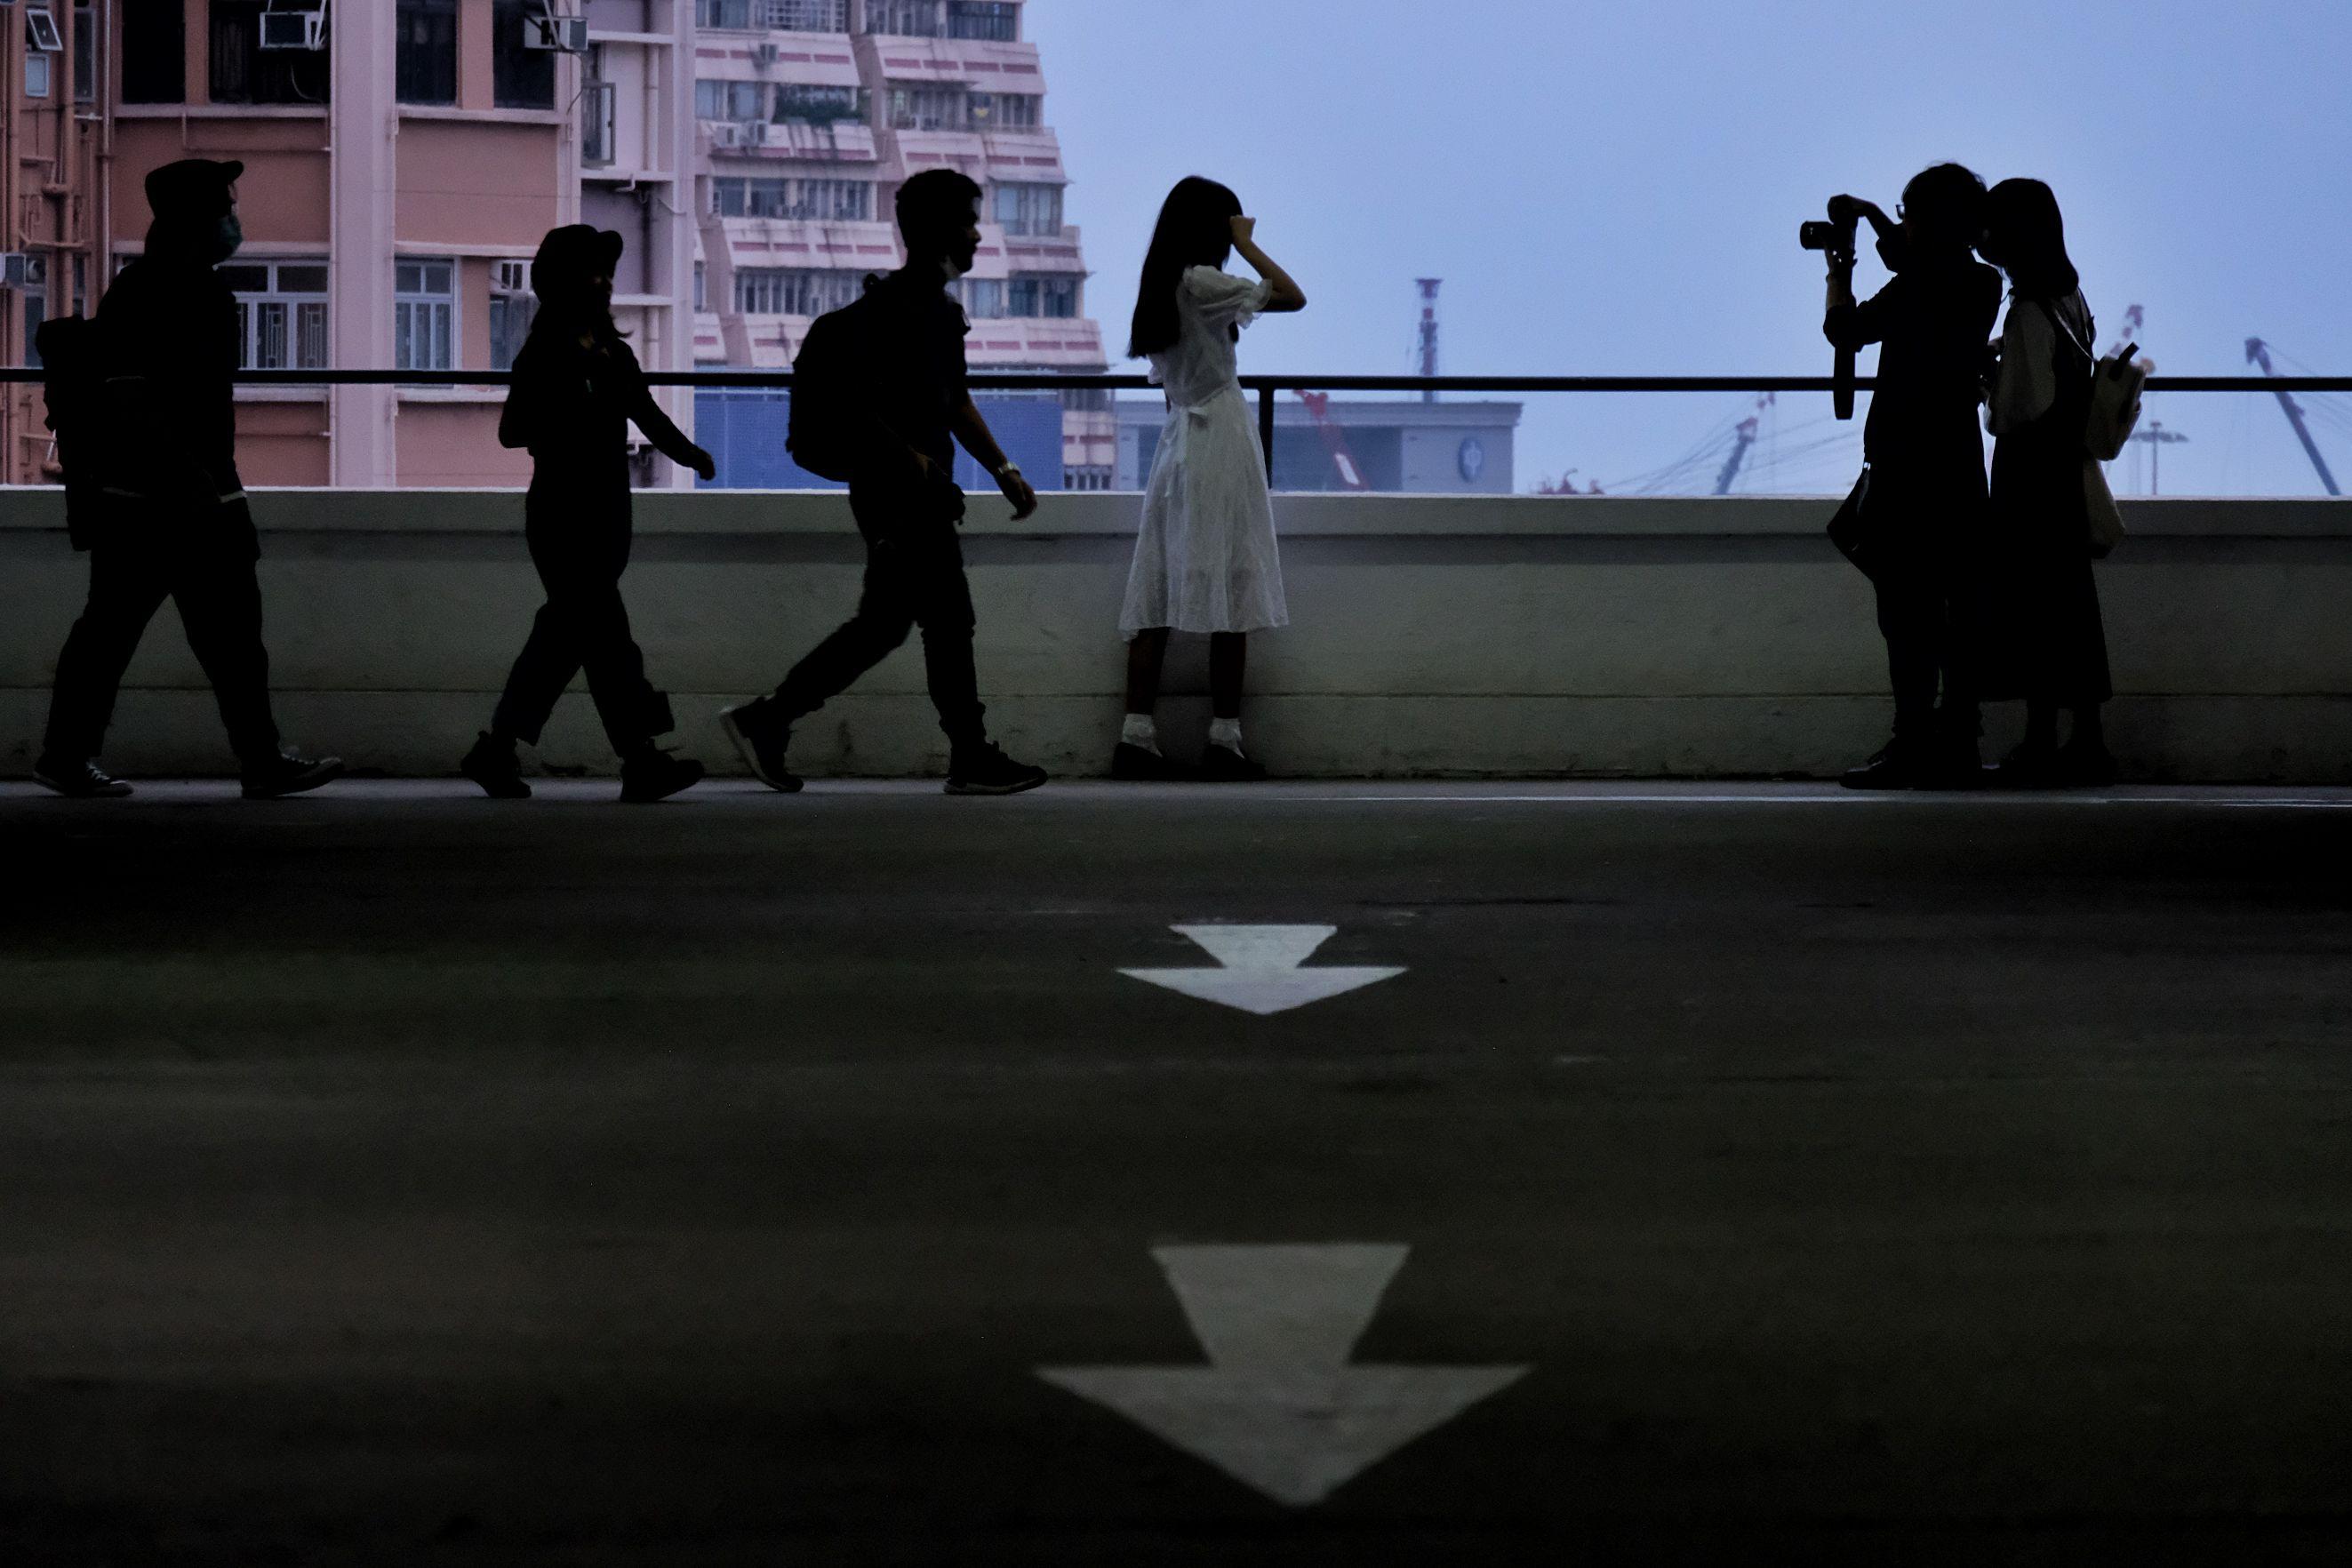 傍晚時分,不少攝影發燒友來到大廈,與即將成為歷史的停車樓做最後告別。(點新聞記者麥鈞傑攝)